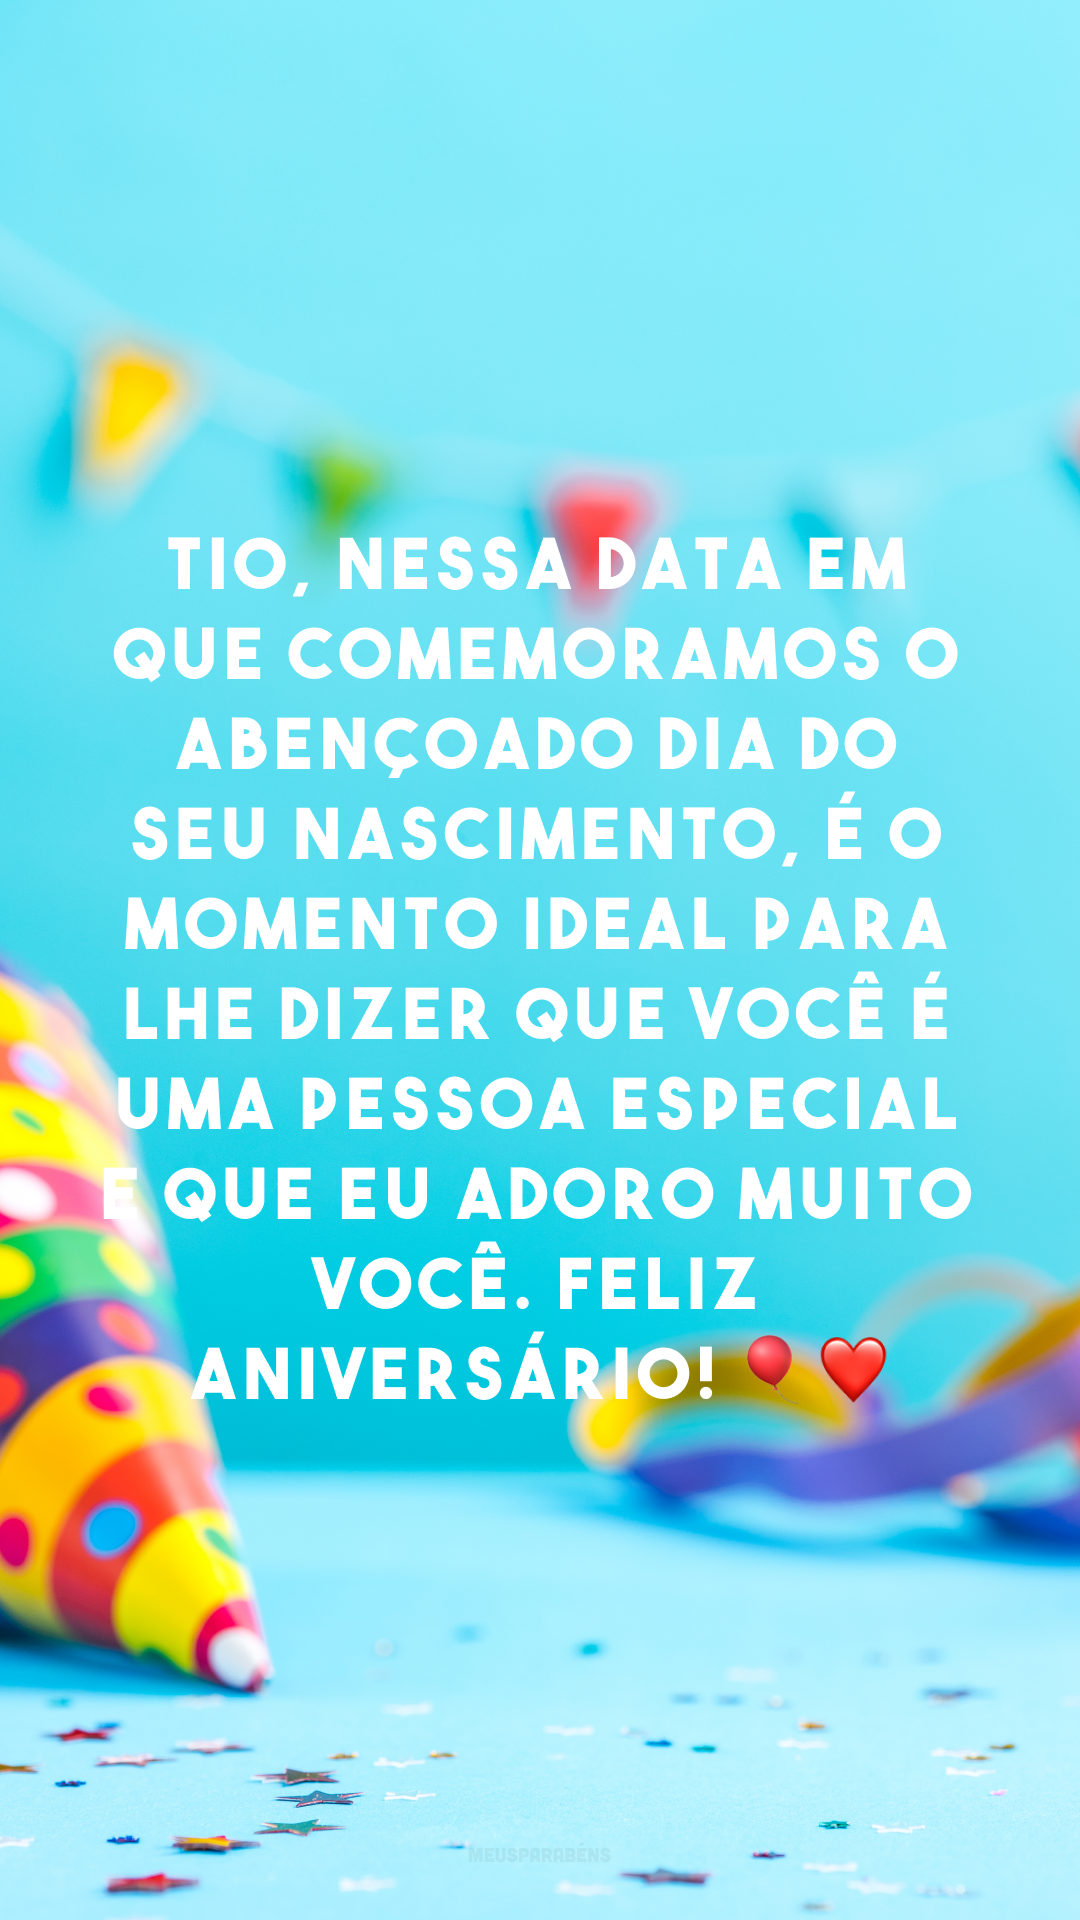 Tio, nessa data em que comemoramos o abençoado dia do seu nascimento, é o momento ideal para lhe dizer que você é uma pessoa especial e que eu adoro muito você. Feliz aniversário! 🎈❤